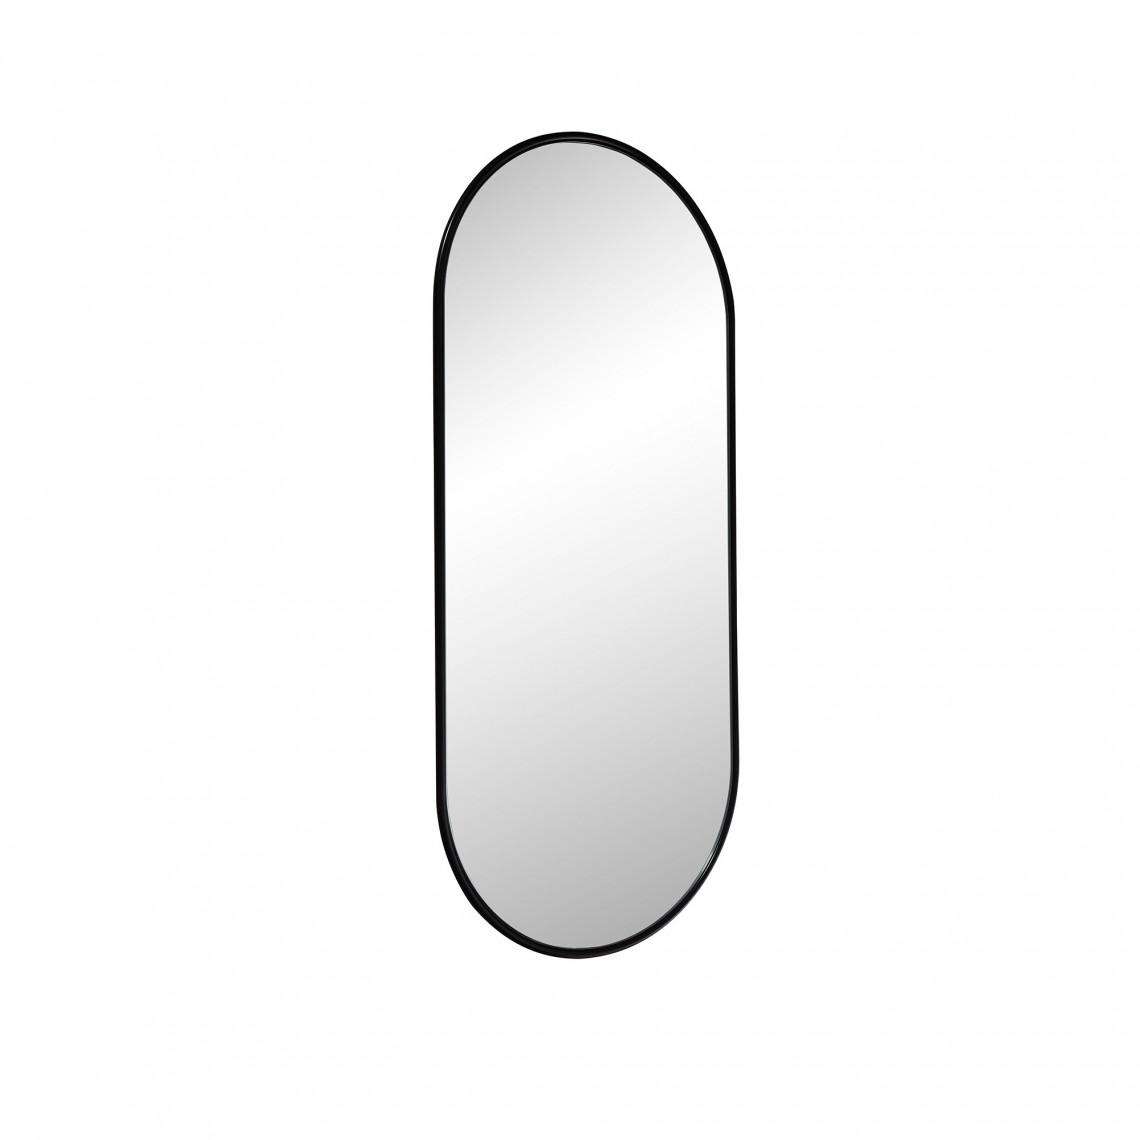 Spegel Haga Oval